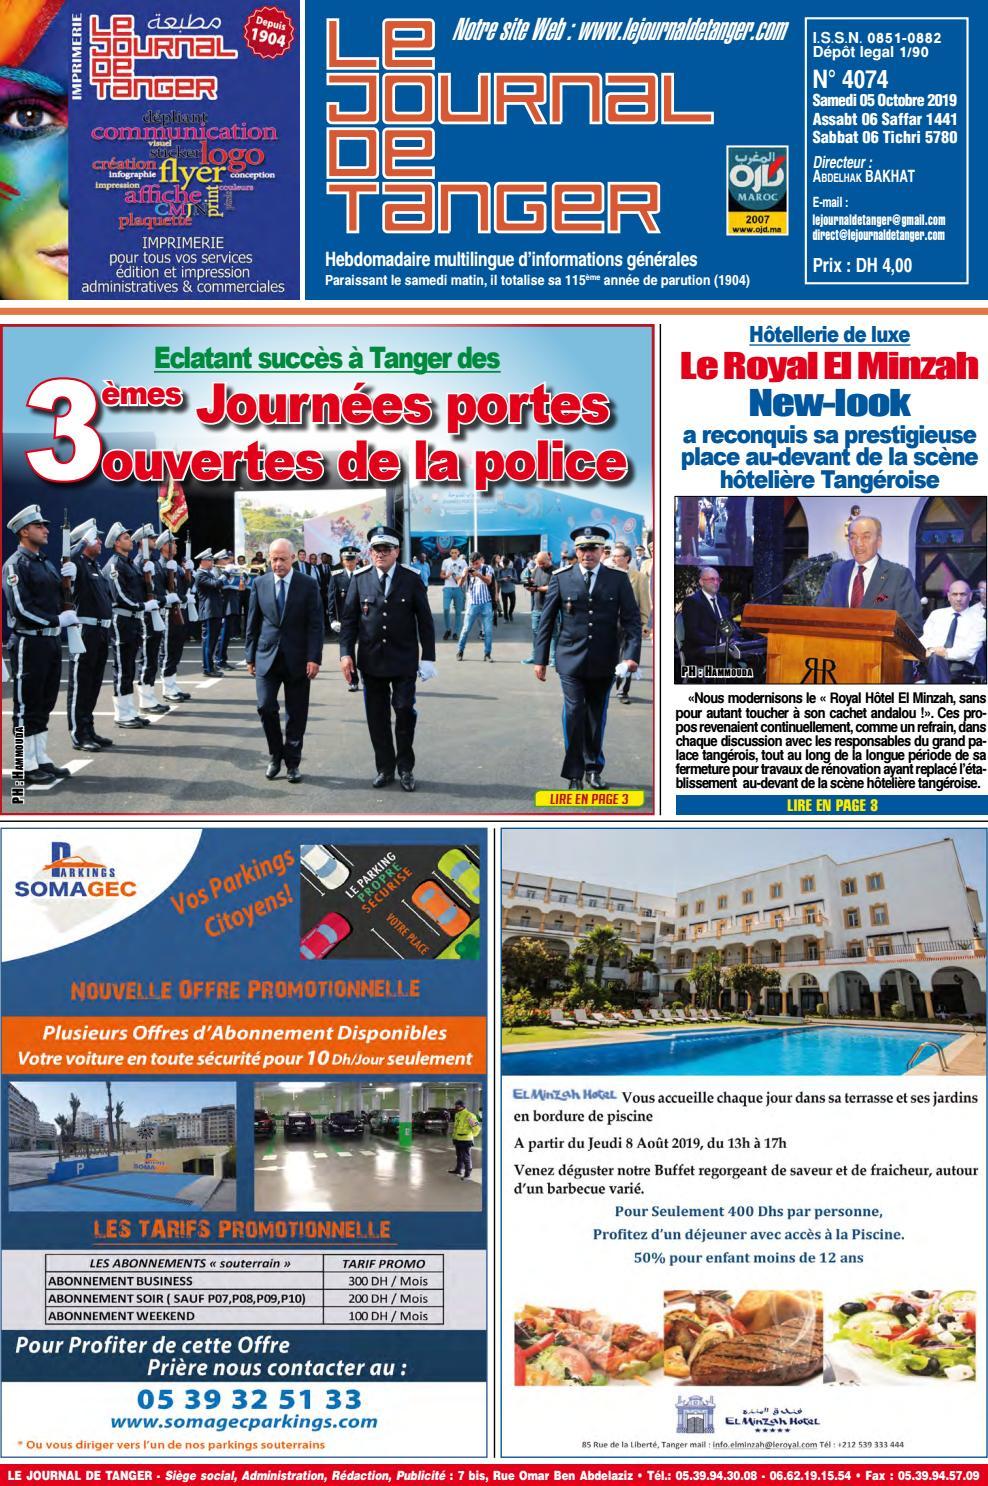 Le Journal De Tanger 05 Octobre 2019 By Le Journal De Tanger